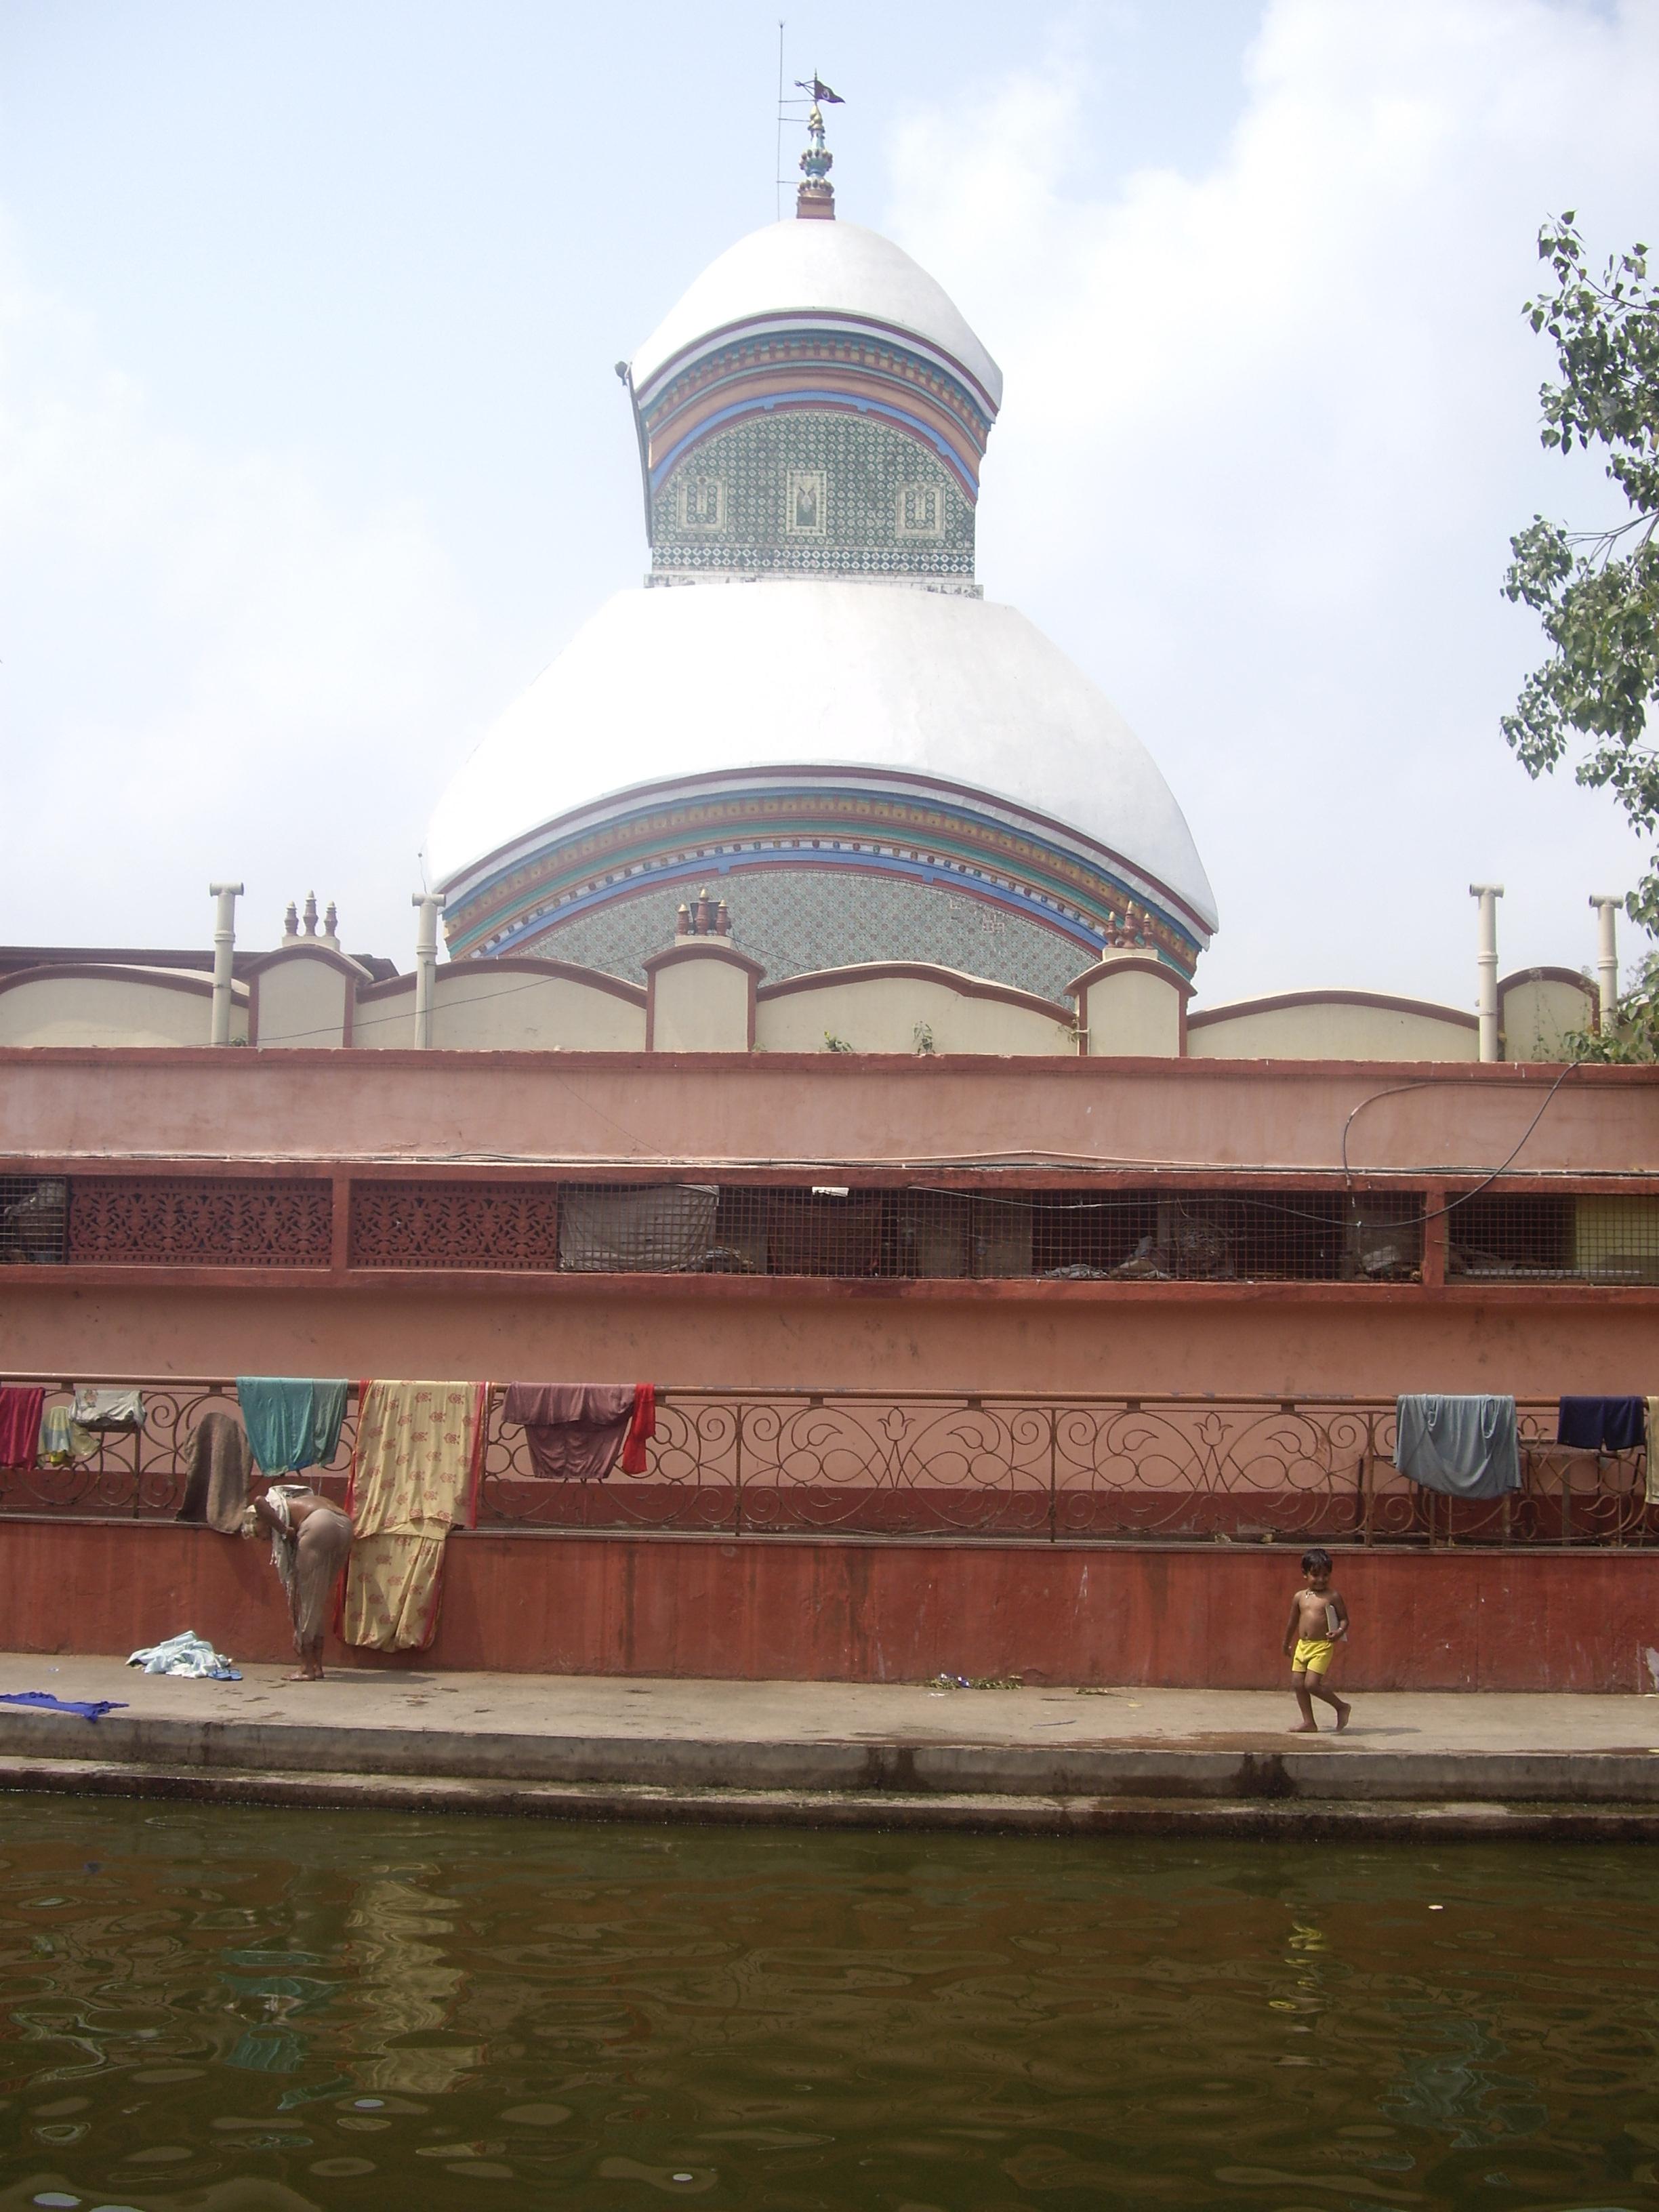 Ο ναός Kalighat προς τιμήν της Μαύρης Κάλι και της υπέρτατης θηλυκής αρχής